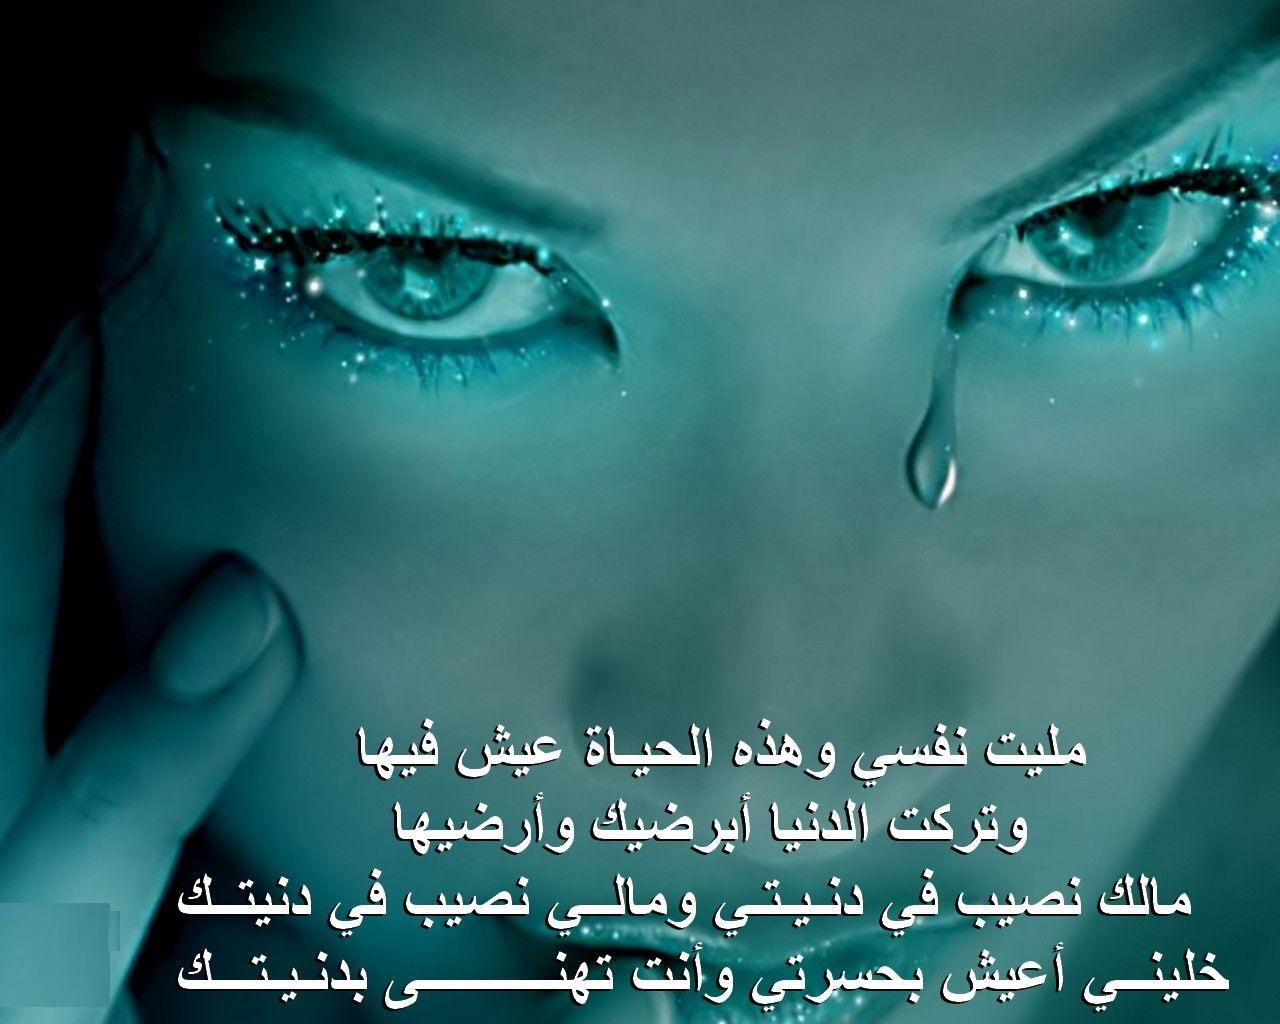 بالصور اشعار حب حزينة , صور اشعار حزينه مكتوبه 3432 6